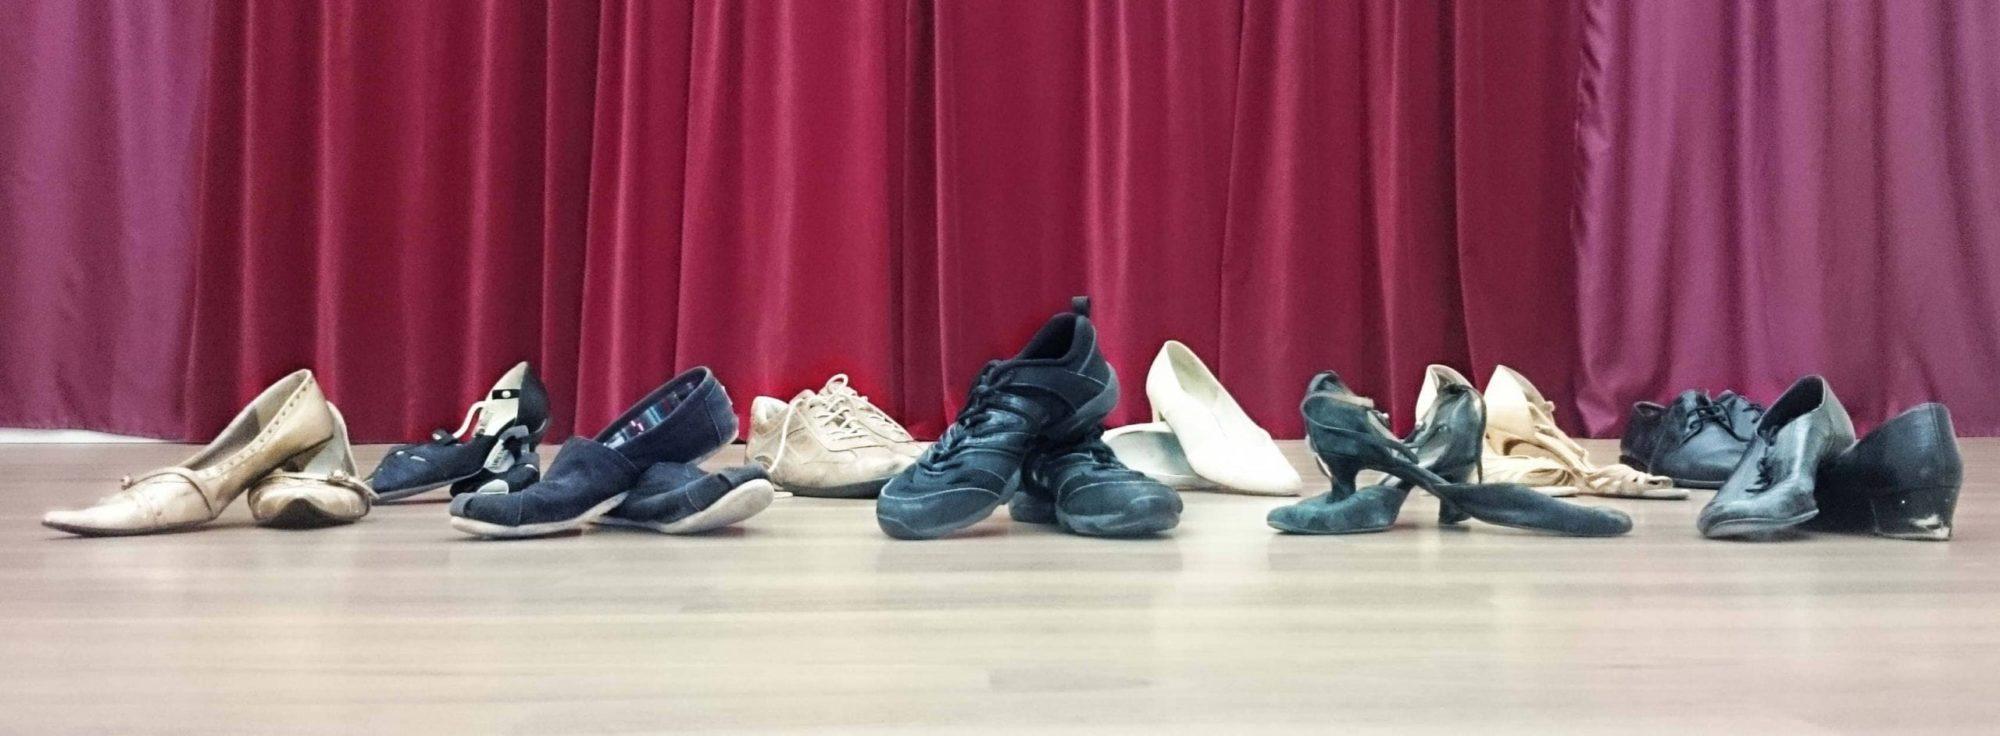 verschiedenste Tanzschuhe in zwei Reihen hintereinander aufgestellt. Sneakers, flache Schuhe, Absatzschuhe...